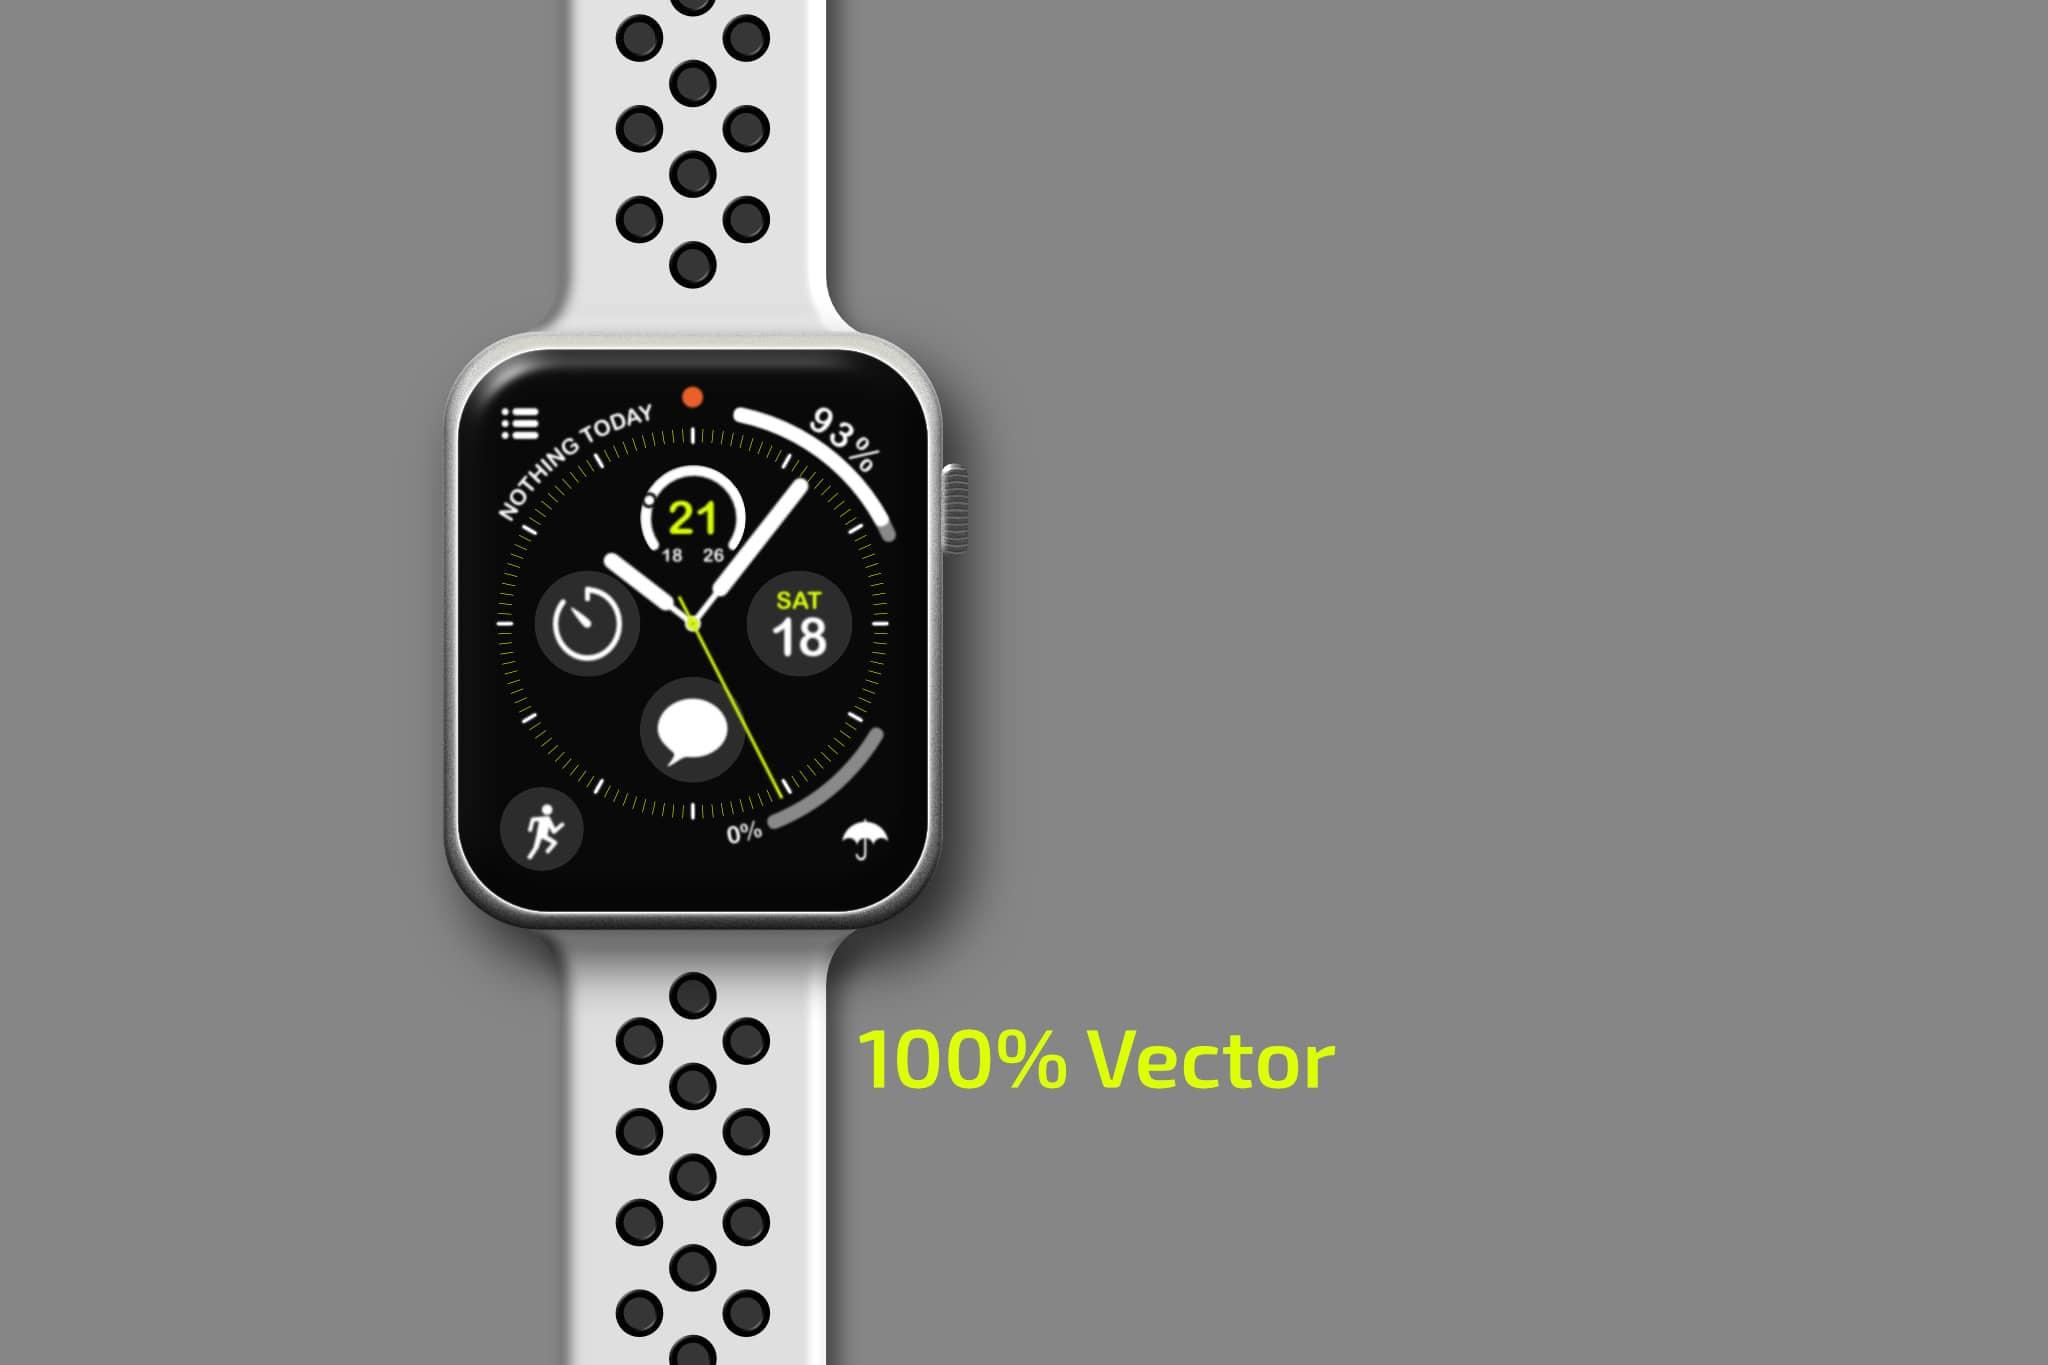 Apple Watch Digital Rendering Vector Graphic